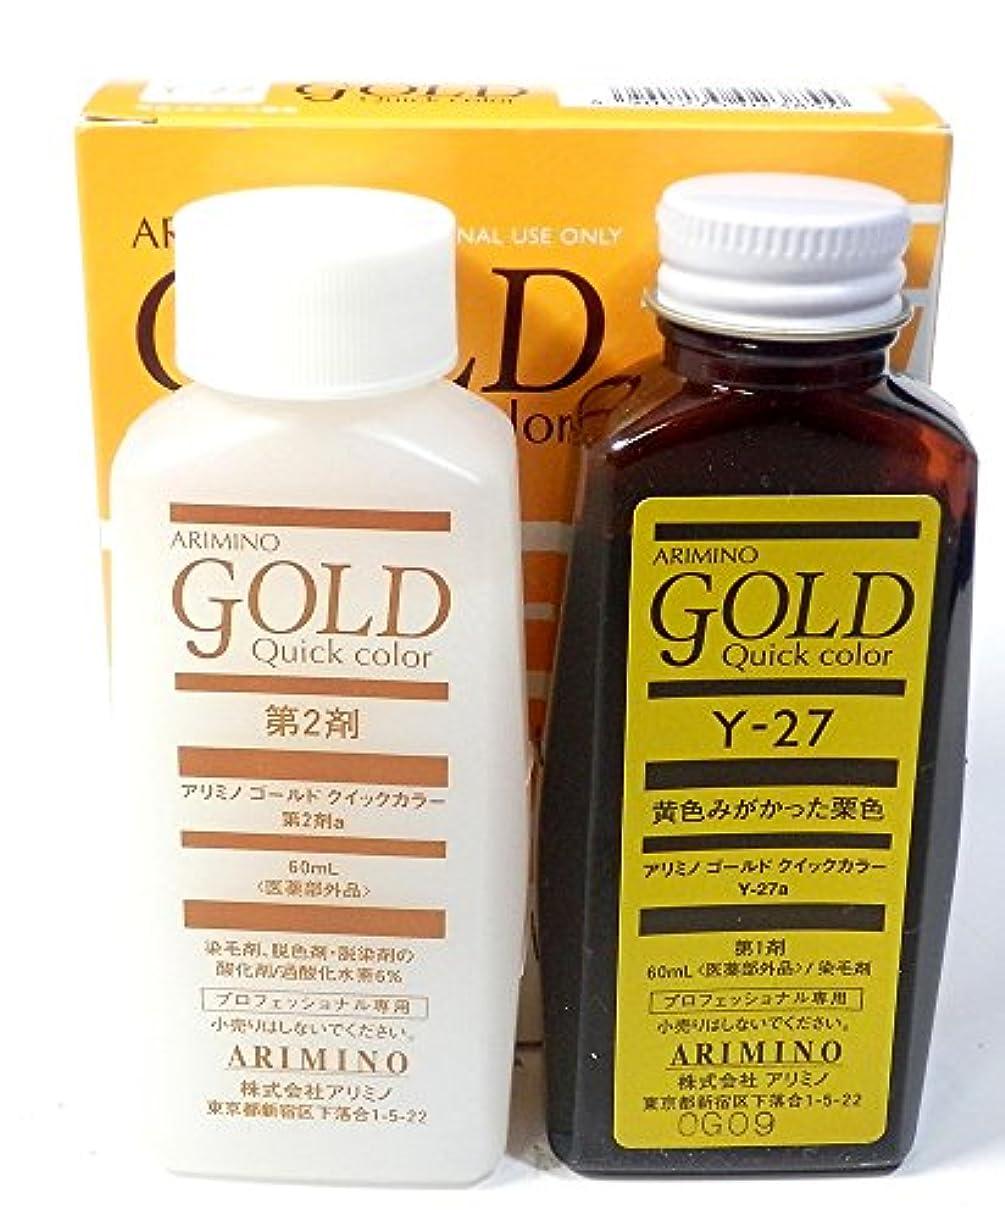 折放棄するオークランドアリミノ ARIMINO ゴールド クイックカラー Y-27 白髪染め 新品 黄色みがかった栗色